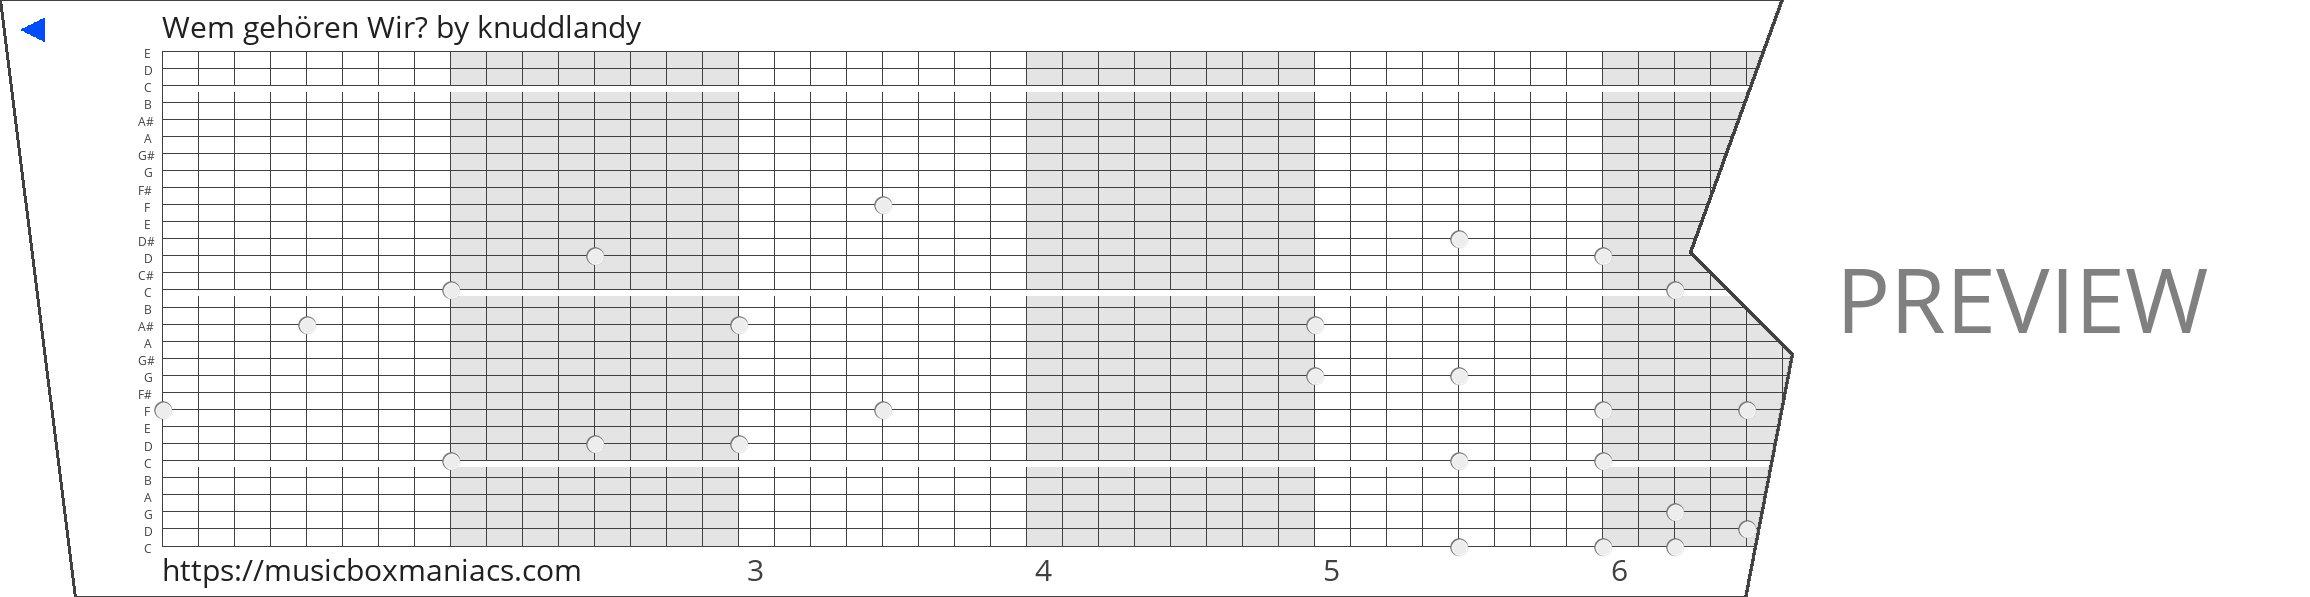 Wem gehören Wir? 30 note music box paper strip